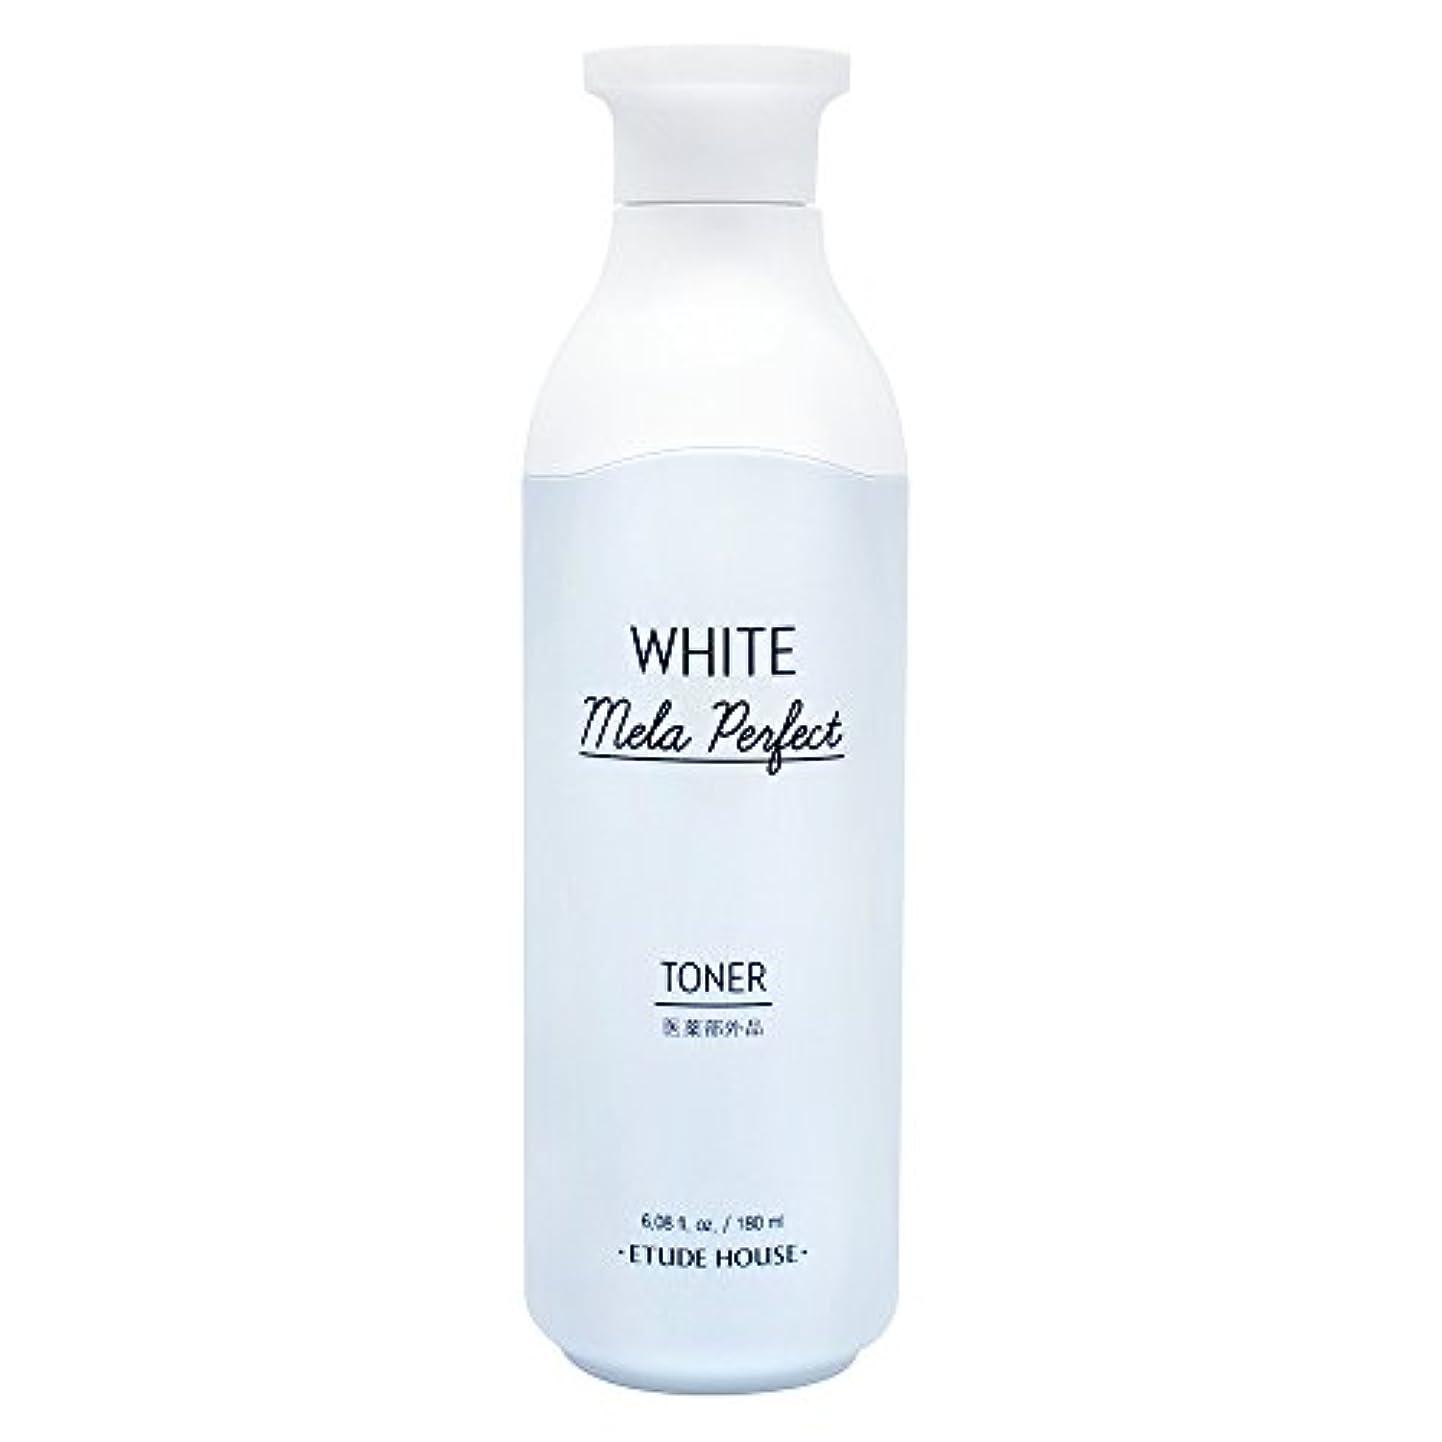 医学アイデアボアエチュードハウス(ETUDE HOUSE) ホワイトメラパーフェクト トナー[美白化粧水、化粧水]